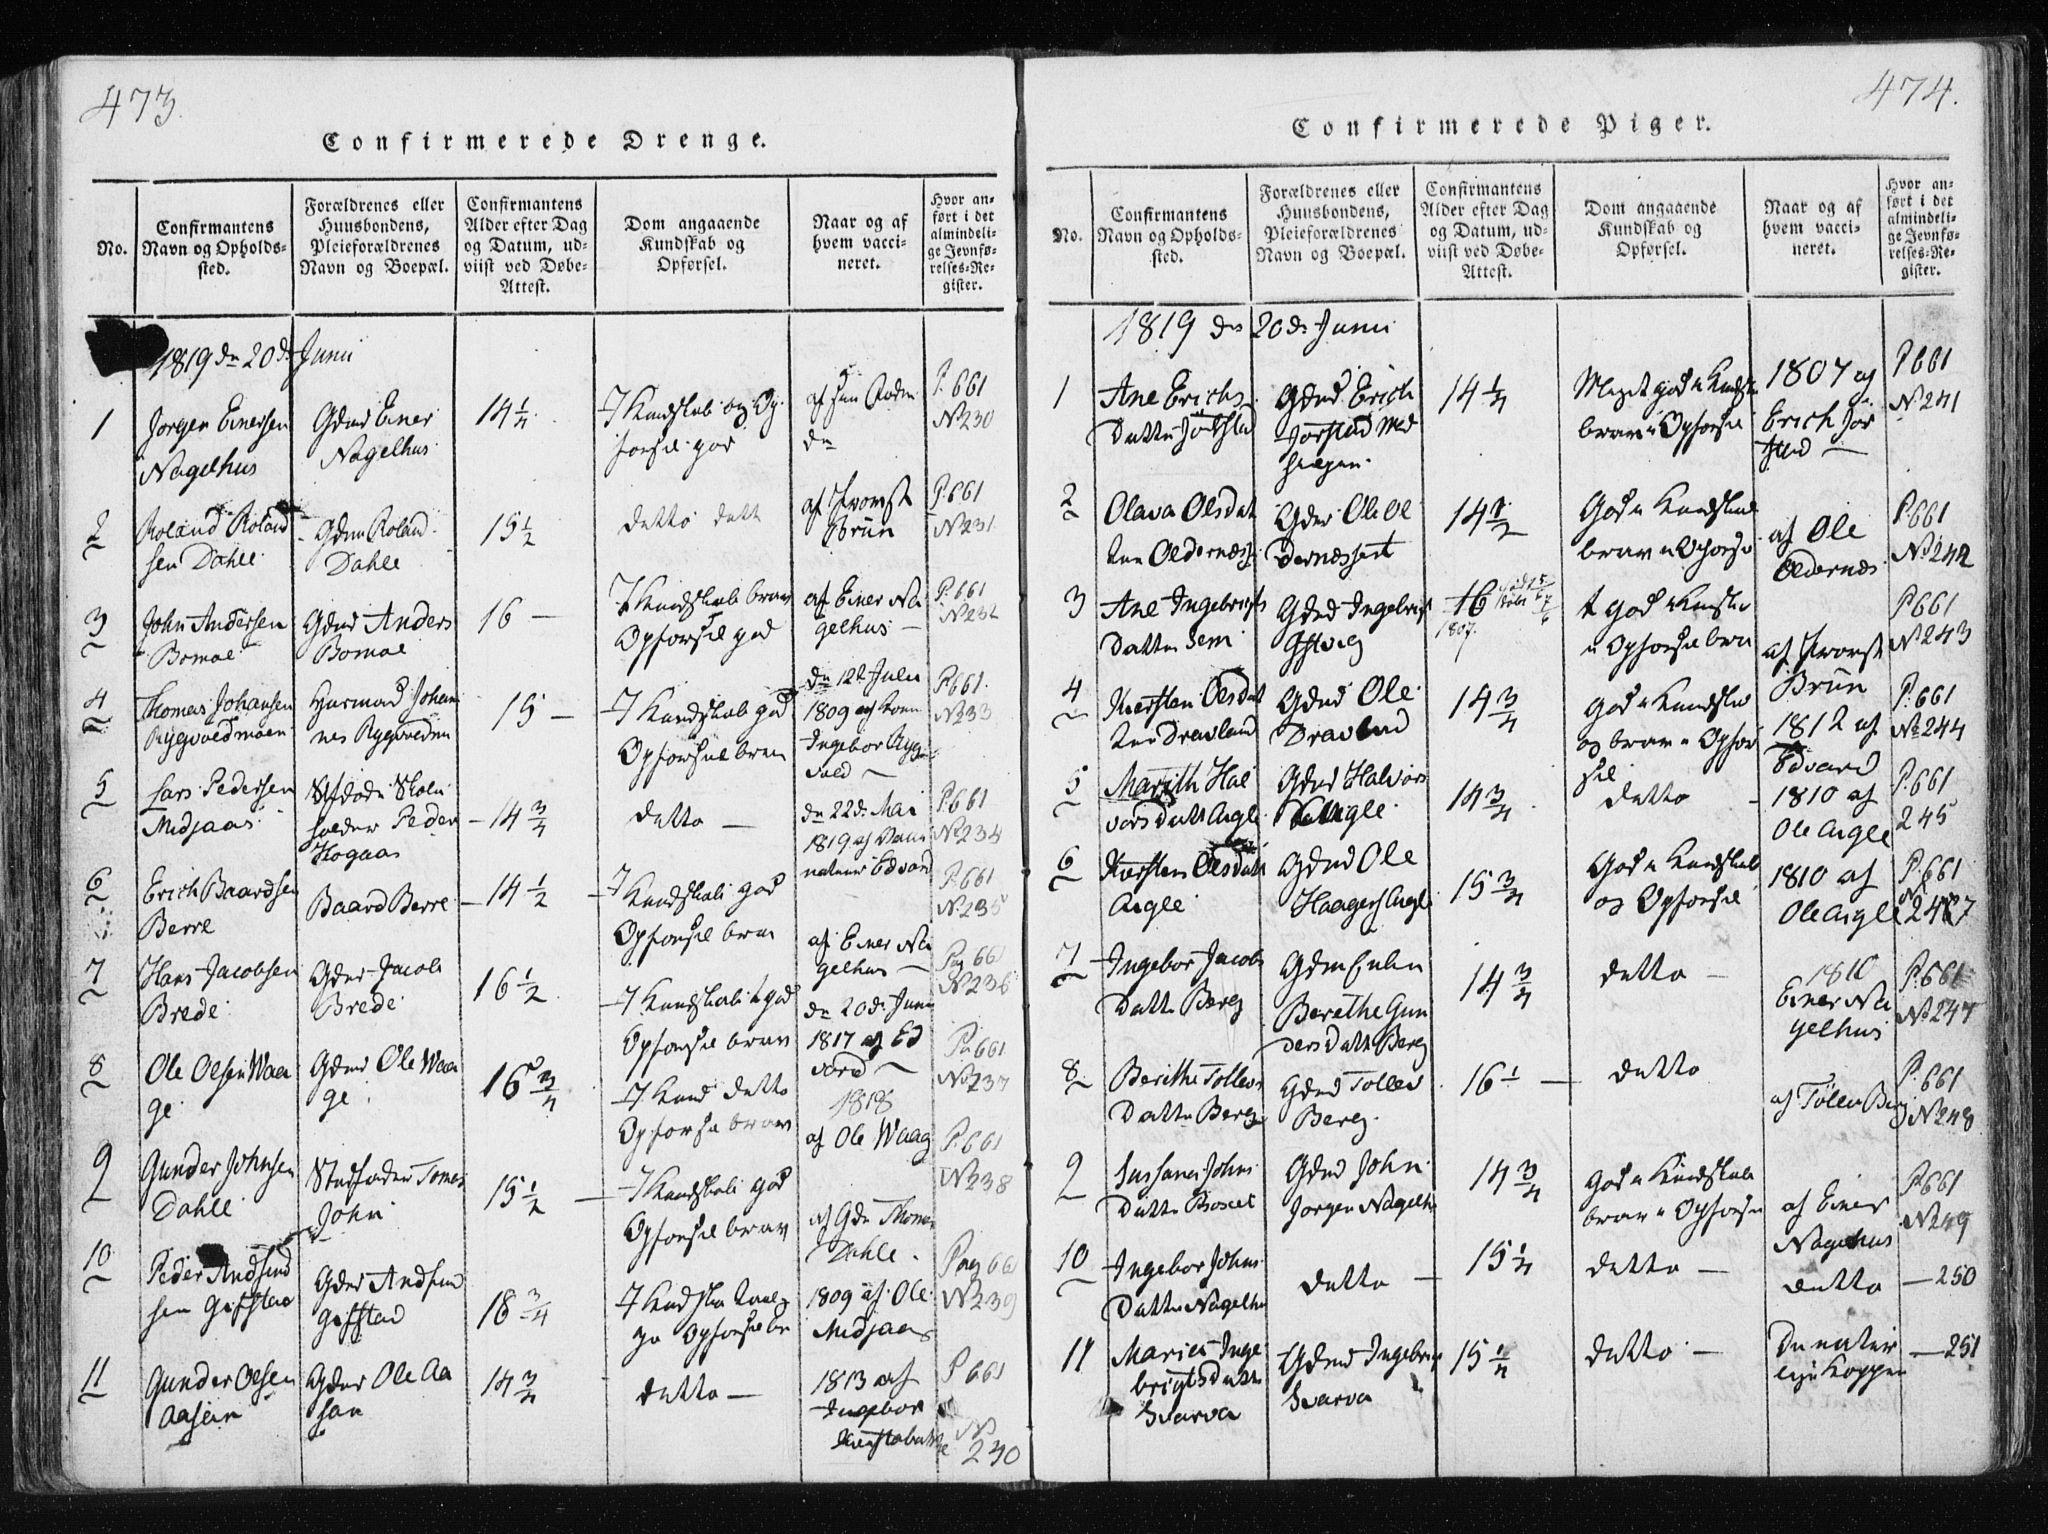 SAT, Ministerialprotokoller, klokkerbøker og fødselsregistre - Nord-Trøndelag, 749/L0469: Ministerialbok nr. 749A03, 1817-1857, s. 473-474